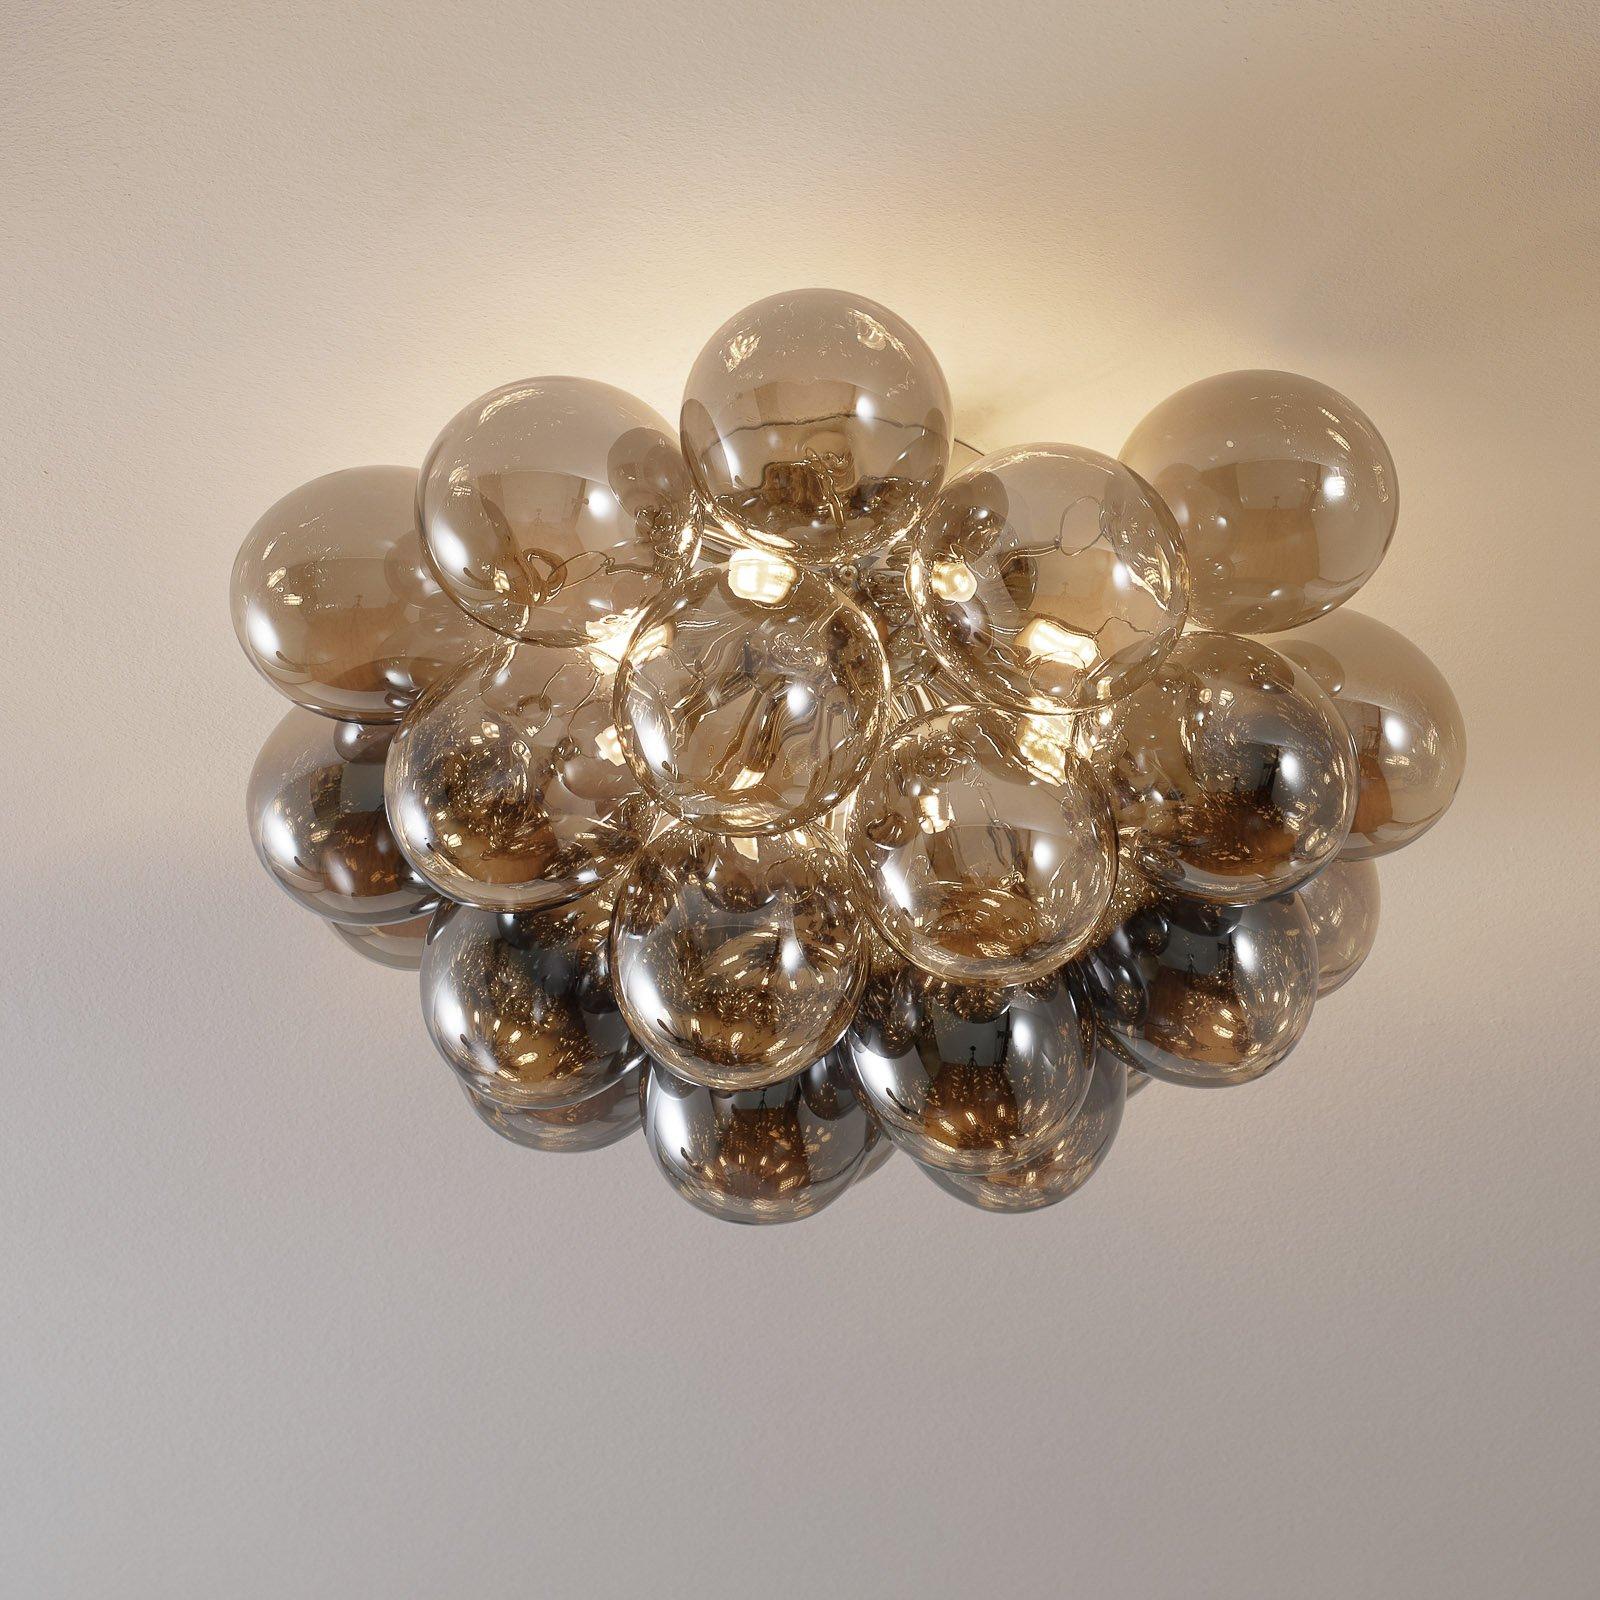 Balbo taklampe, røykgrå glass, 13 lyskilder